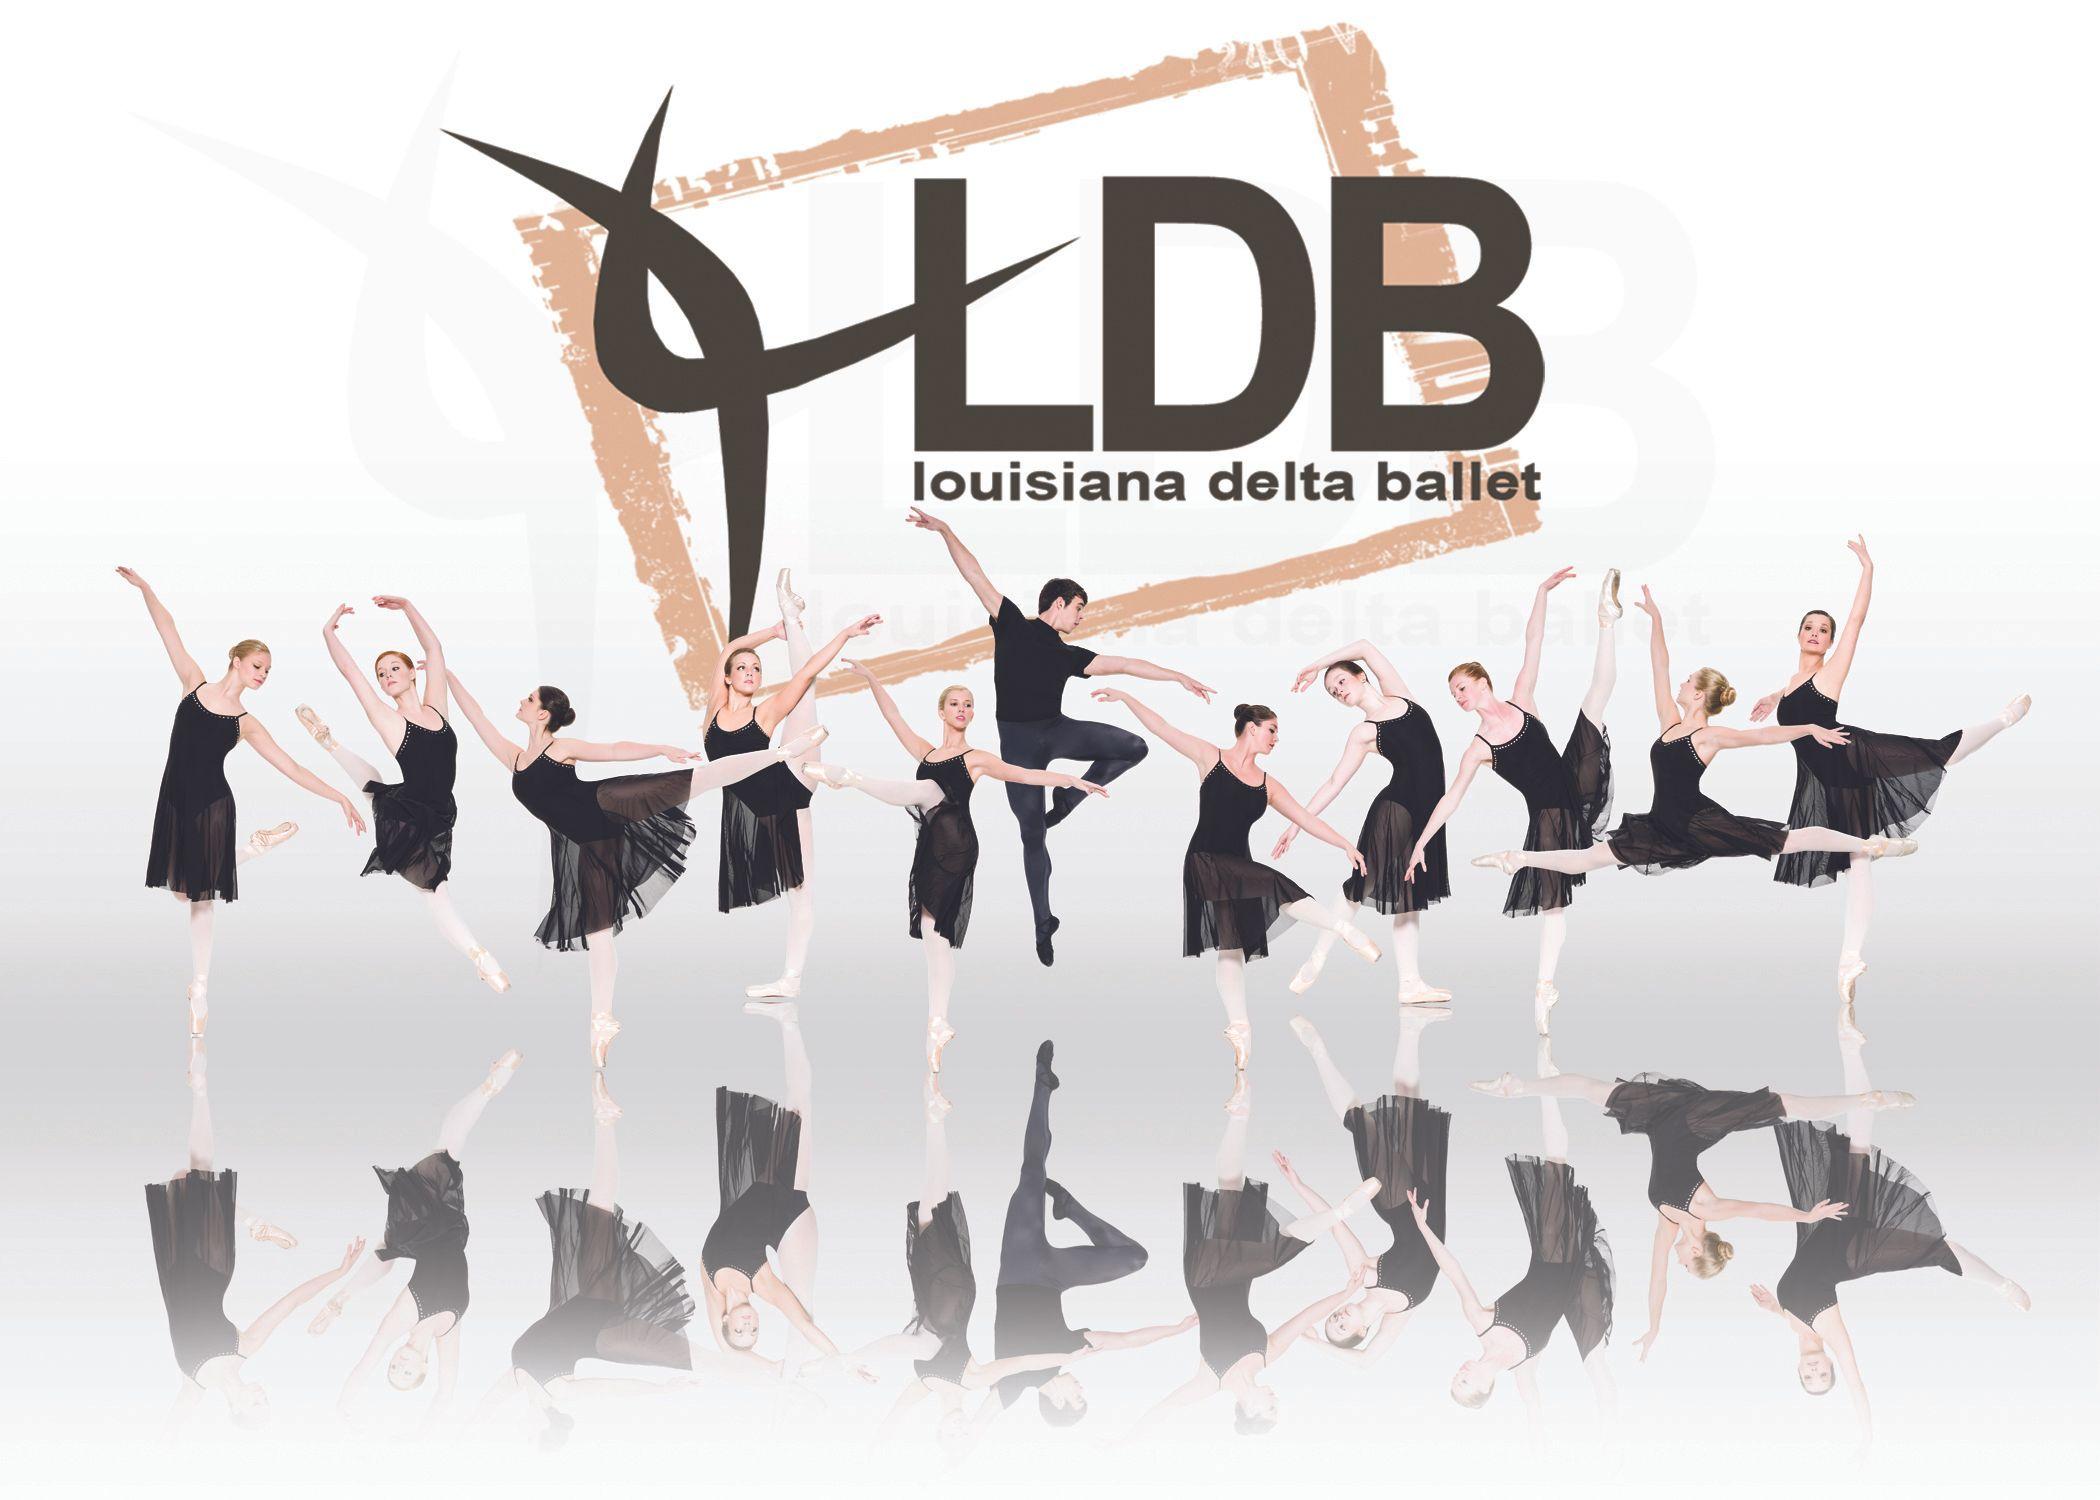 Louisiana Delta Ballet